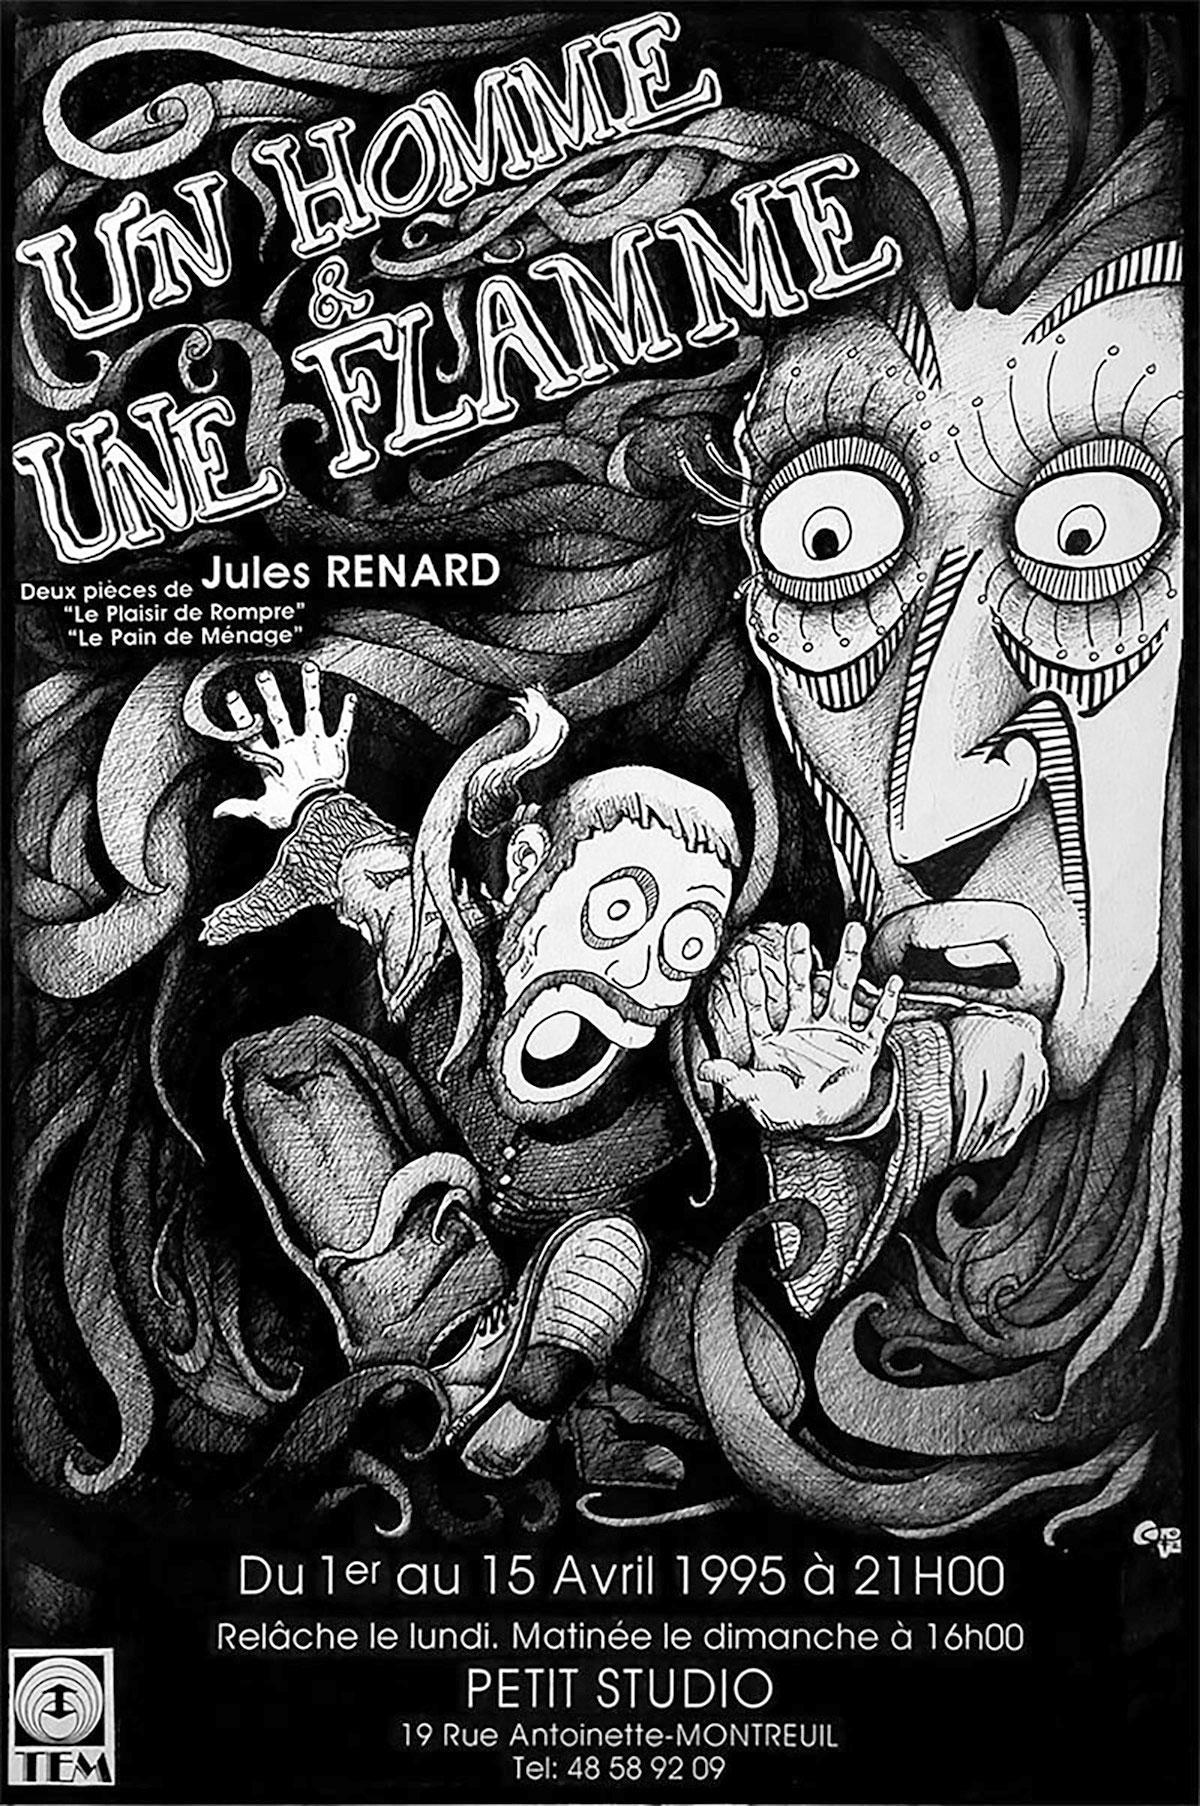 Infographiste indépendant, création d'illustrations, dessin pour affiches de théâtre